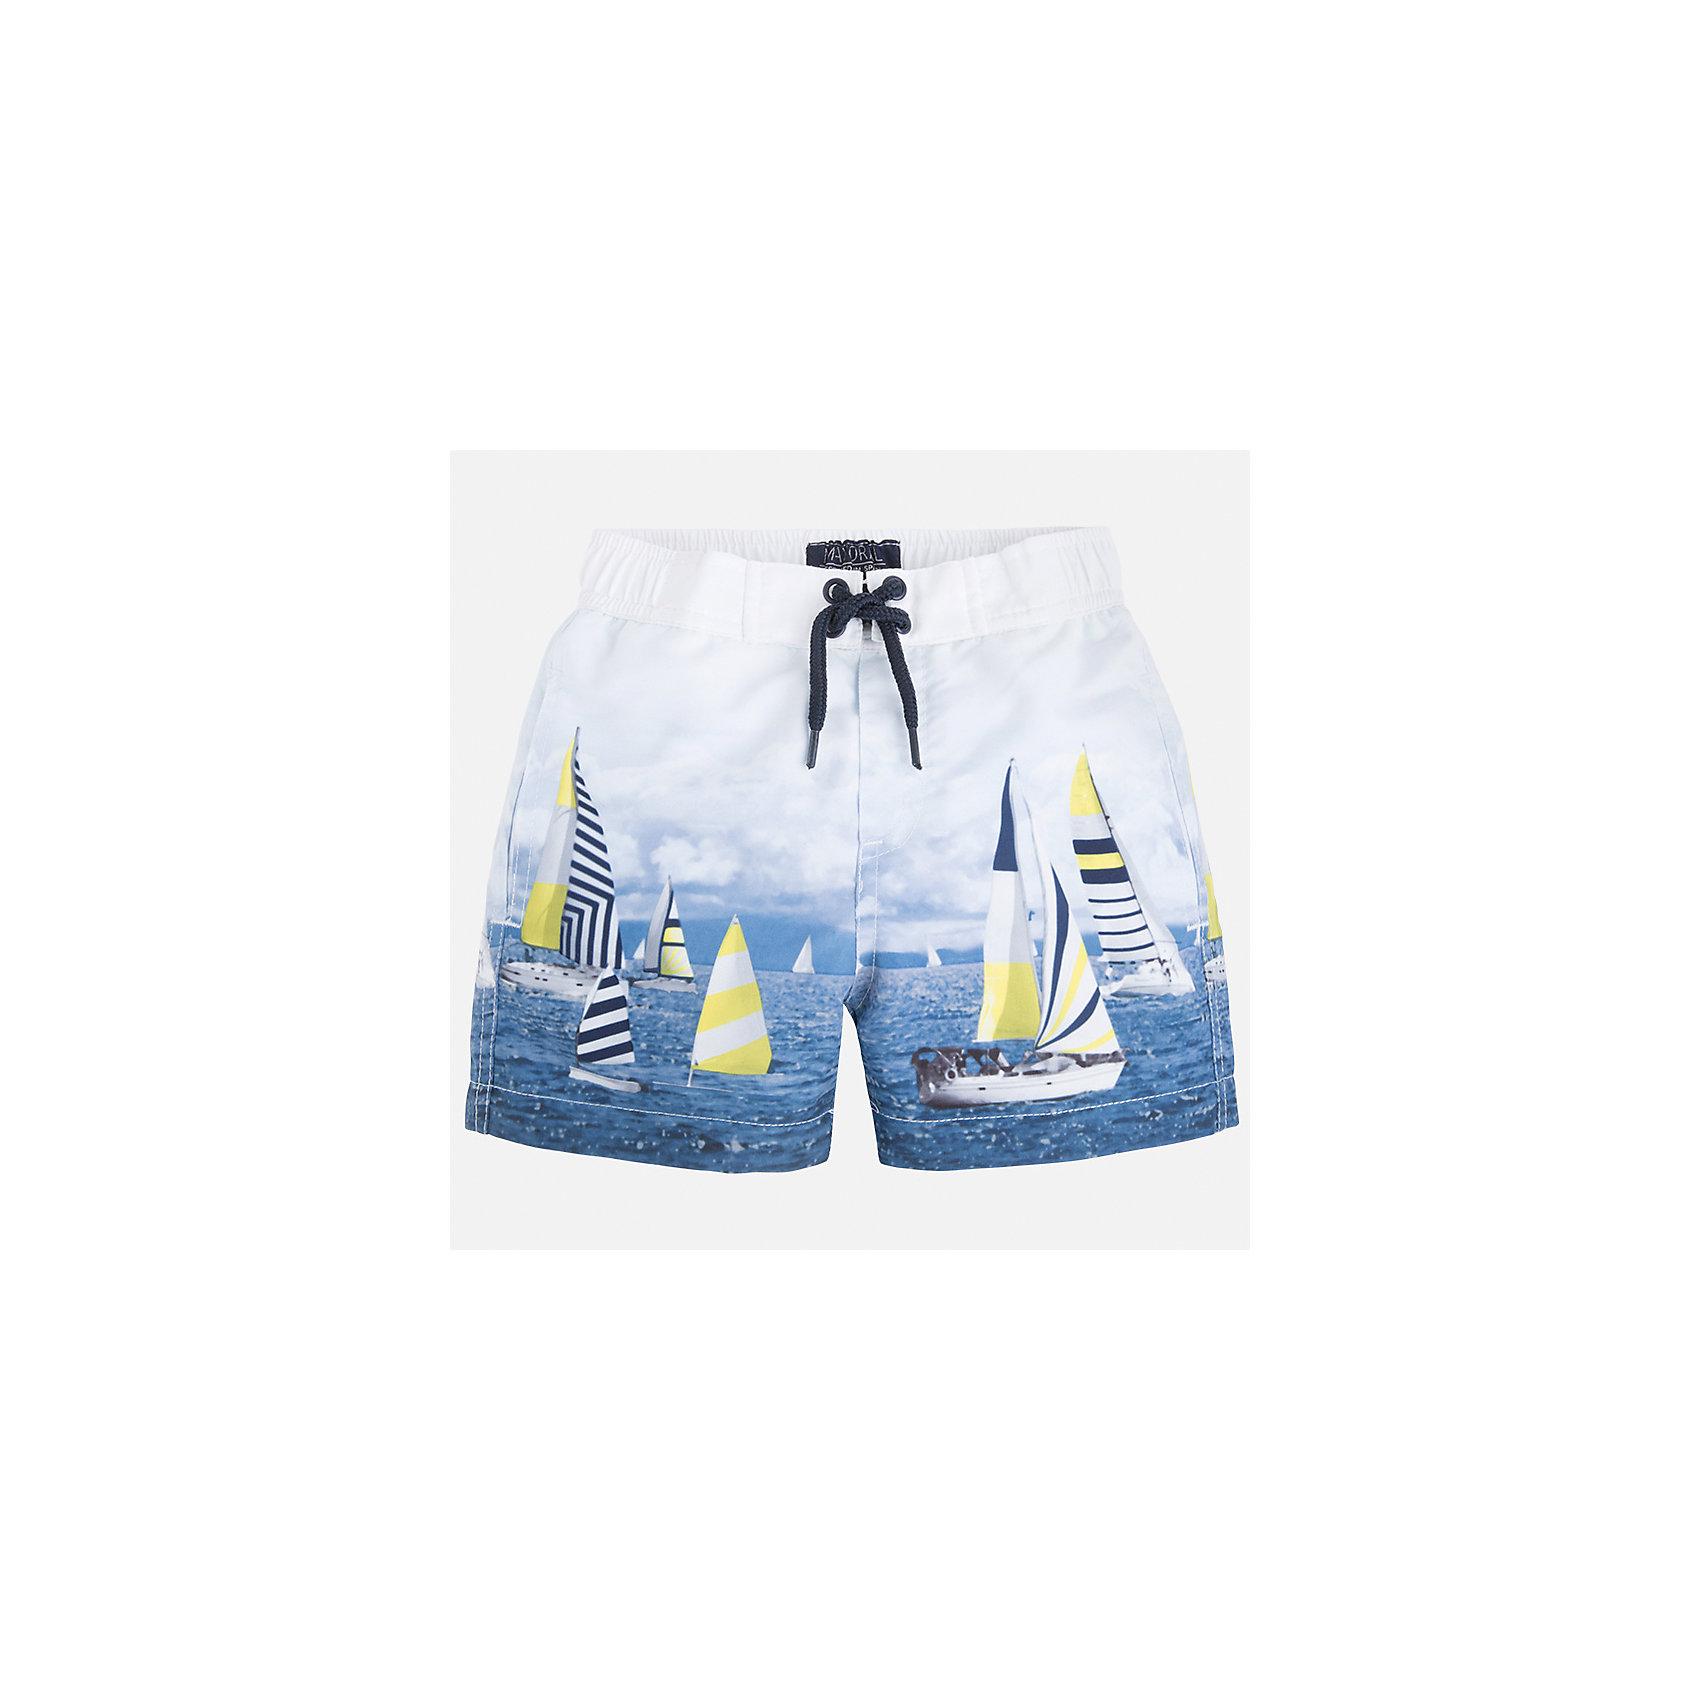 Шорты-плавки для мальчика MayoralЛови волну<br>Характеристики товара:<br><br>• цвет: мультиколор<br>• состав: 100% полиэстер, подкладка - 100% полиэстер<br>• принт на ткани<br>• пояс со шнурком<br>• с подкладкой<br>• быстросохнущий материал<br>• страна бренда: Испания<br><br>Одежда для купания должна быть удобной! Эти плавательные шорты для мальчика не только хорошо сидят на ребенке, не стесняя движения и не натирая, они отлично смотрятся! Сшиты они из плотной ткани, но она очень быстро высыхает. Интересная расцветка модели делает её нарядной и оригинальной. <br><br>Одежда, обувь и аксессуары от испанского бренда Mayoral полюбились детям и взрослым по всему миру. Модели этой марки - стильные и удобные. Для их производства используются только безопасные, качественные материалы и фурнитура. Порадуйте ребенка модными и красивыми вещами от Mayoral! <br><br>Плавки для мальчика от испанского бренда Mayoral (Майорал) можно купить в нашем интернет-магазине.<br><br>Ширина мм: 183<br>Глубина мм: 60<br>Высота мм: 135<br>Вес г: 119<br>Цвет: голубой<br>Возраст от месяцев: 72<br>Возраст до месяцев: 84<br>Пол: Мужской<br>Возраст: Детский<br>Размер: 122,134,104,110,98,128,116,92<br>SKU: 5281144